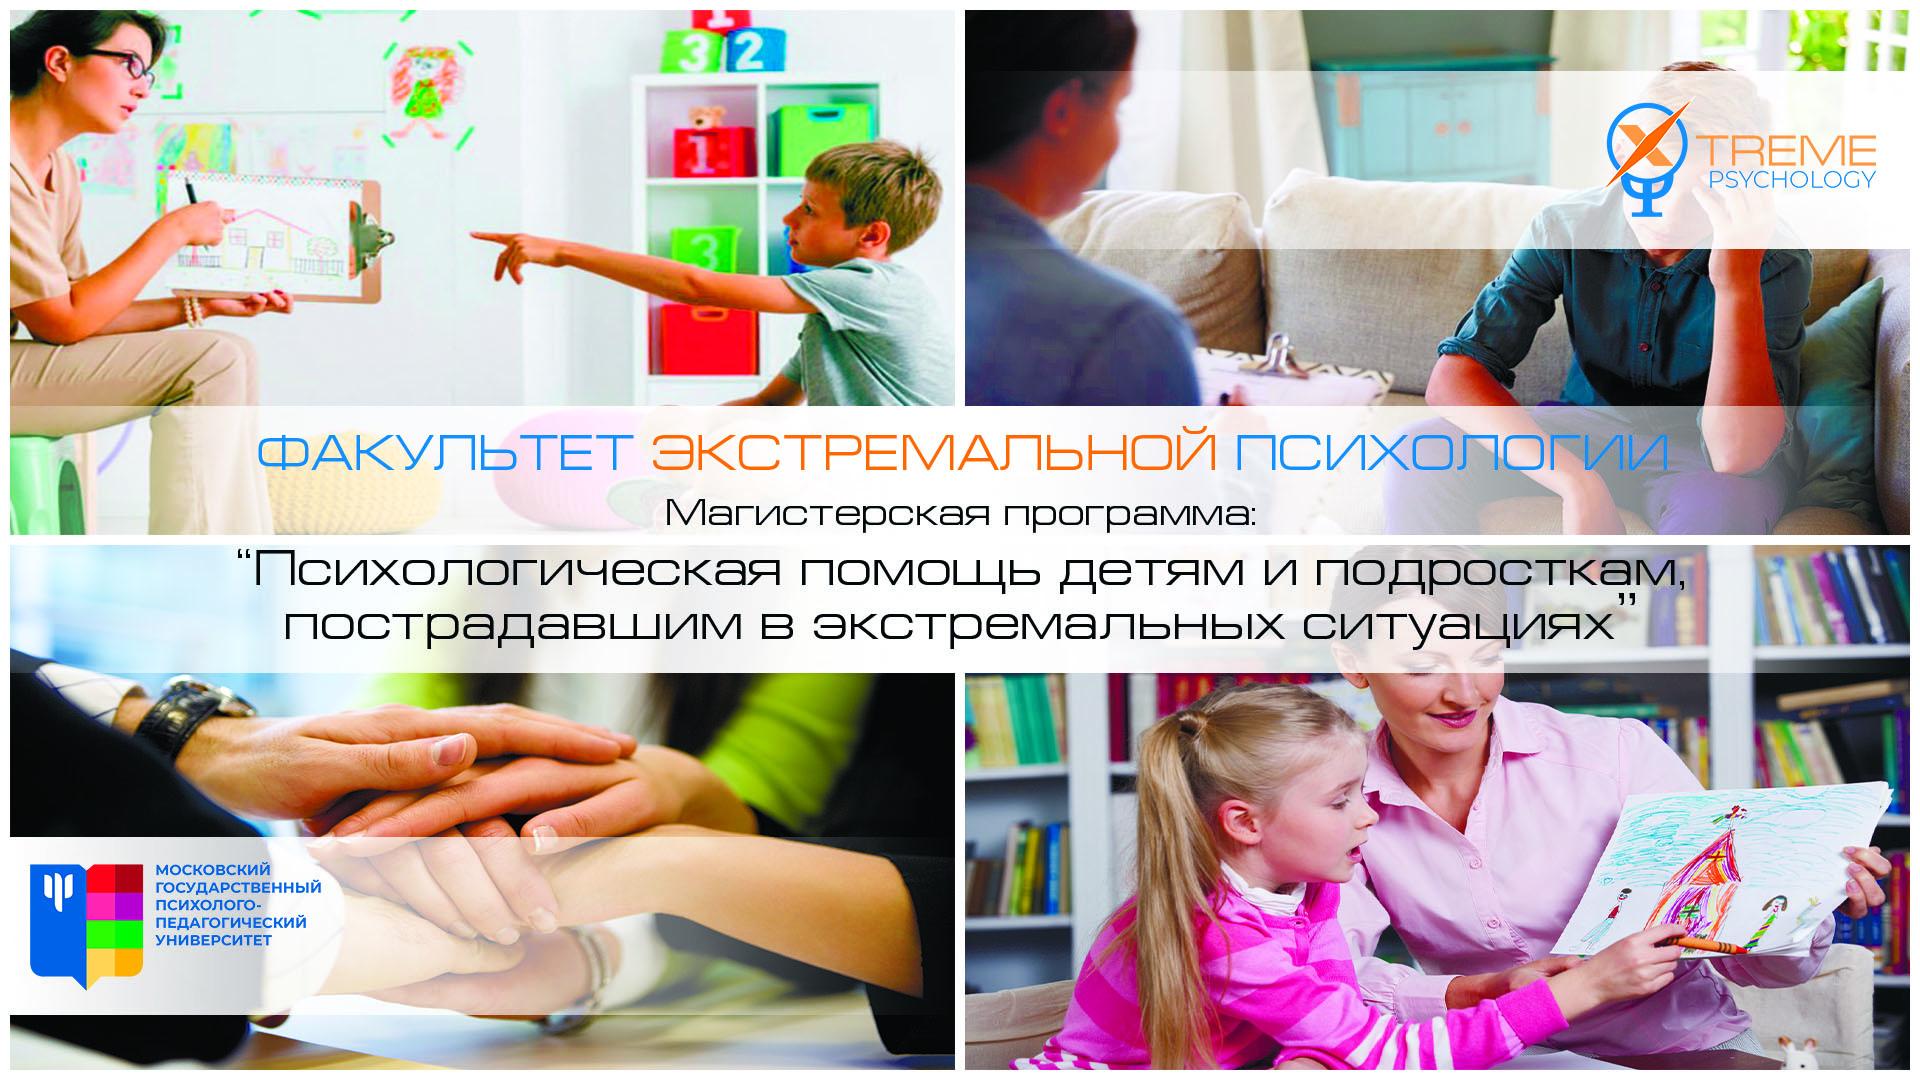 Приглашаем на магистерскую программу «Психологическая помощь детям и подросткам, пострадавшим в экстремальных ситуациях»